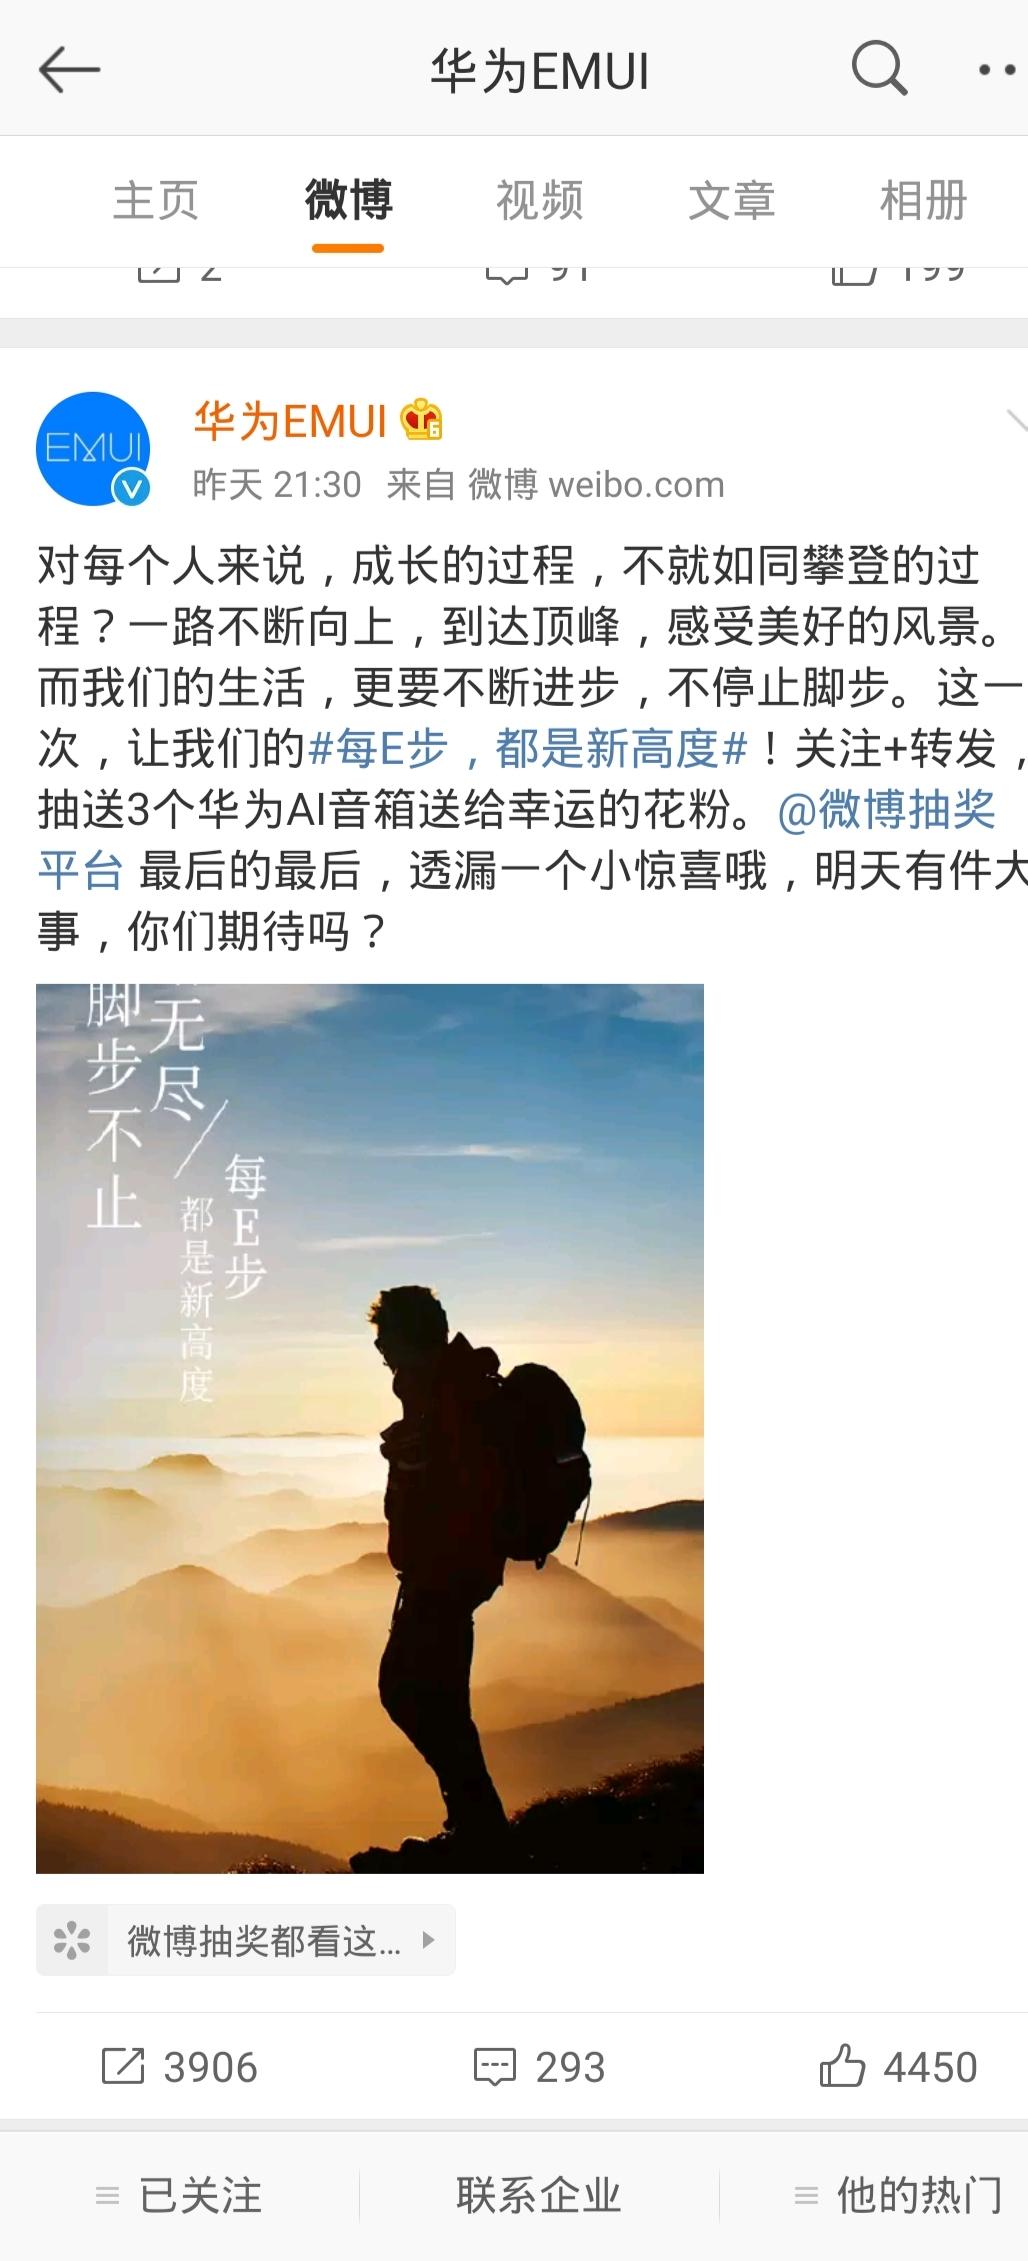 Screenshot_20200522_122816.jpg